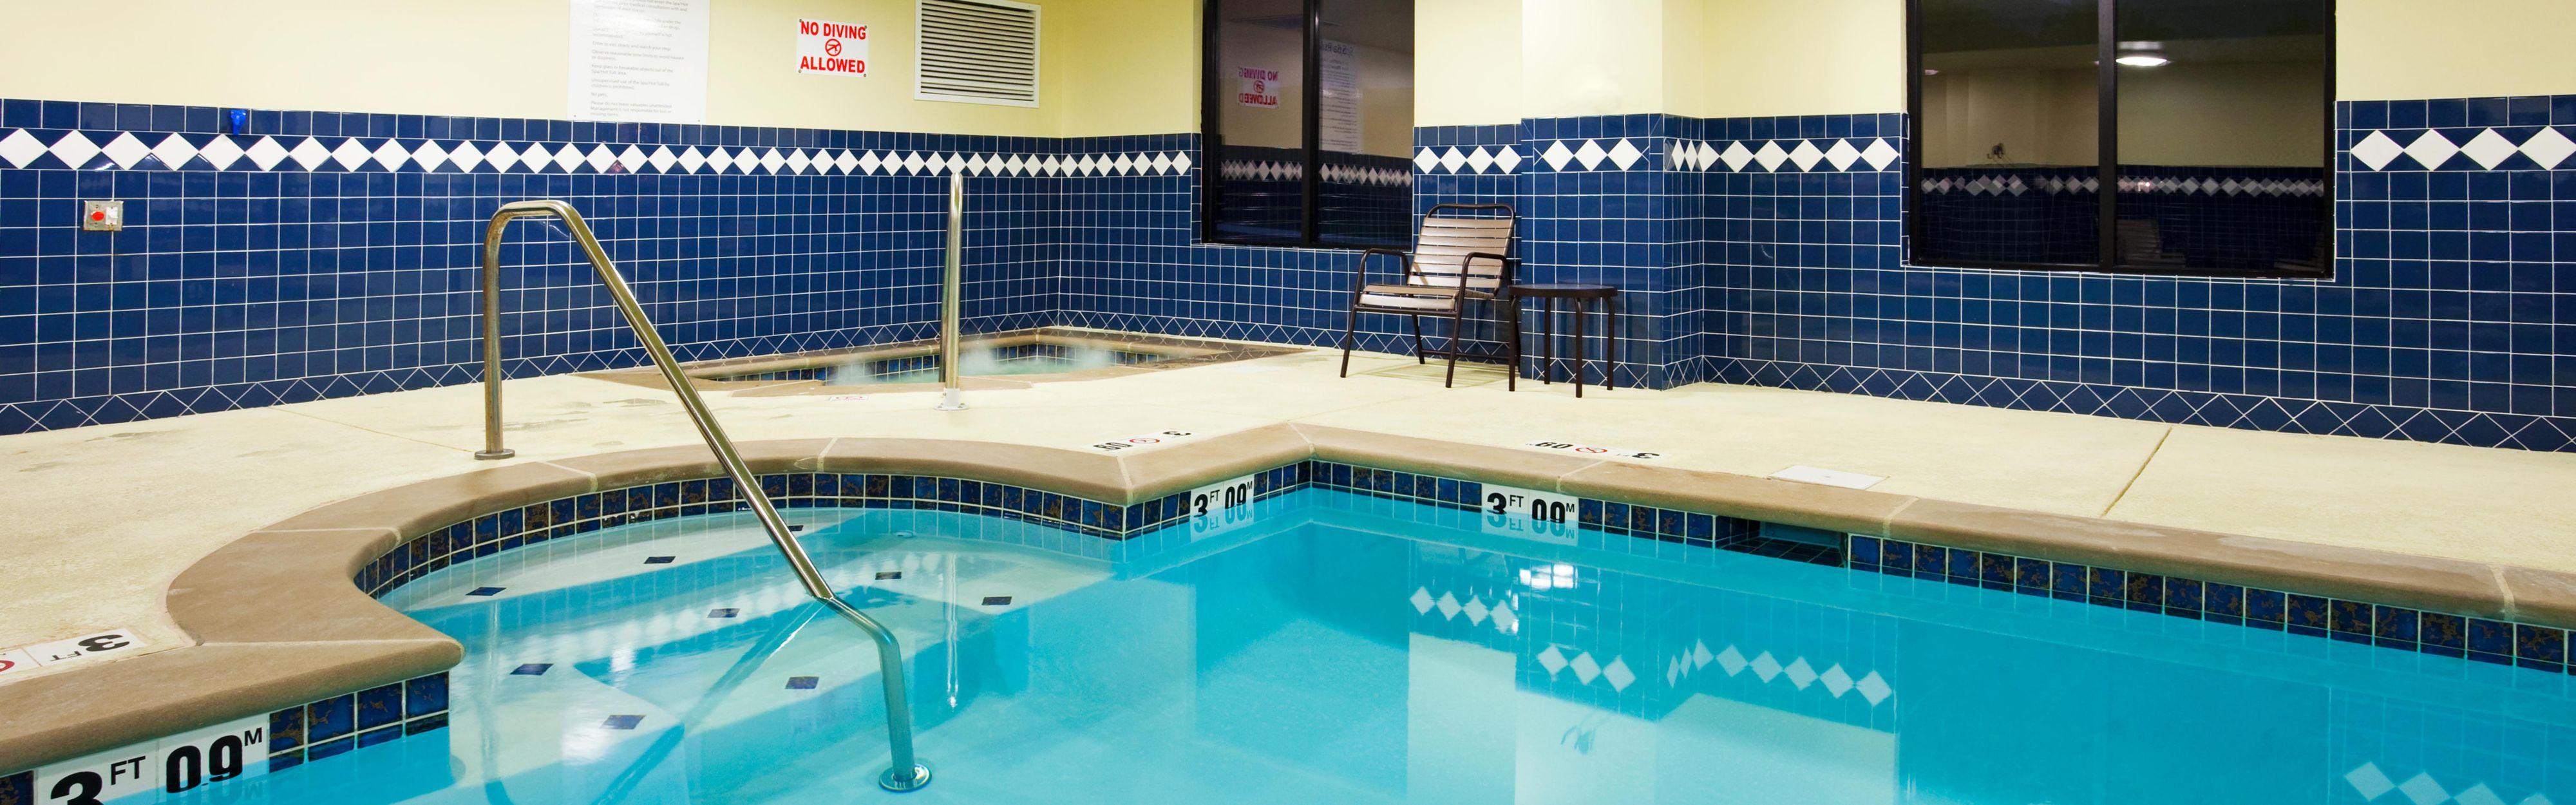 Holiday Inn Express & Suites Smyrna-Nashville Area image 2